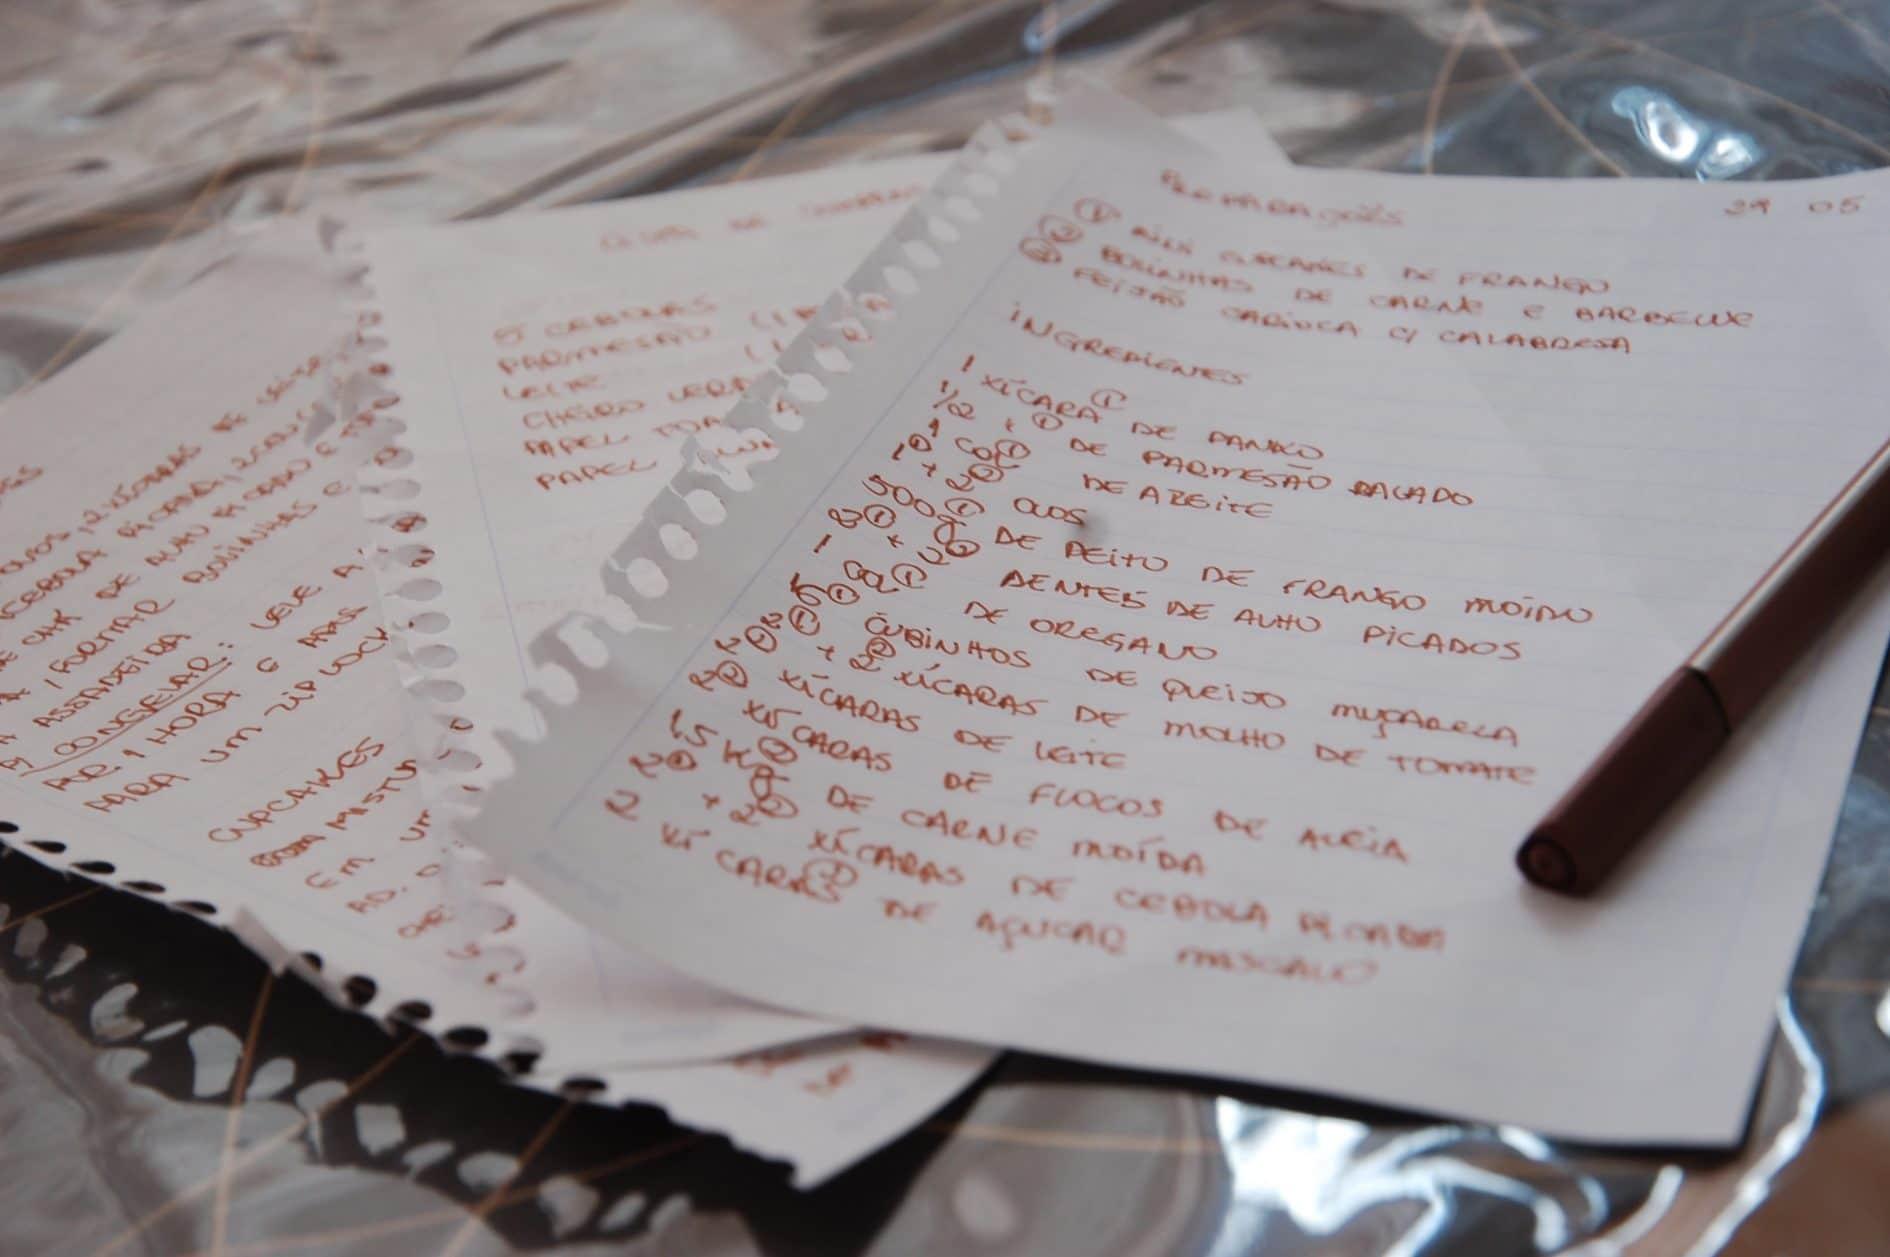 receitas, instruções, plano de ação